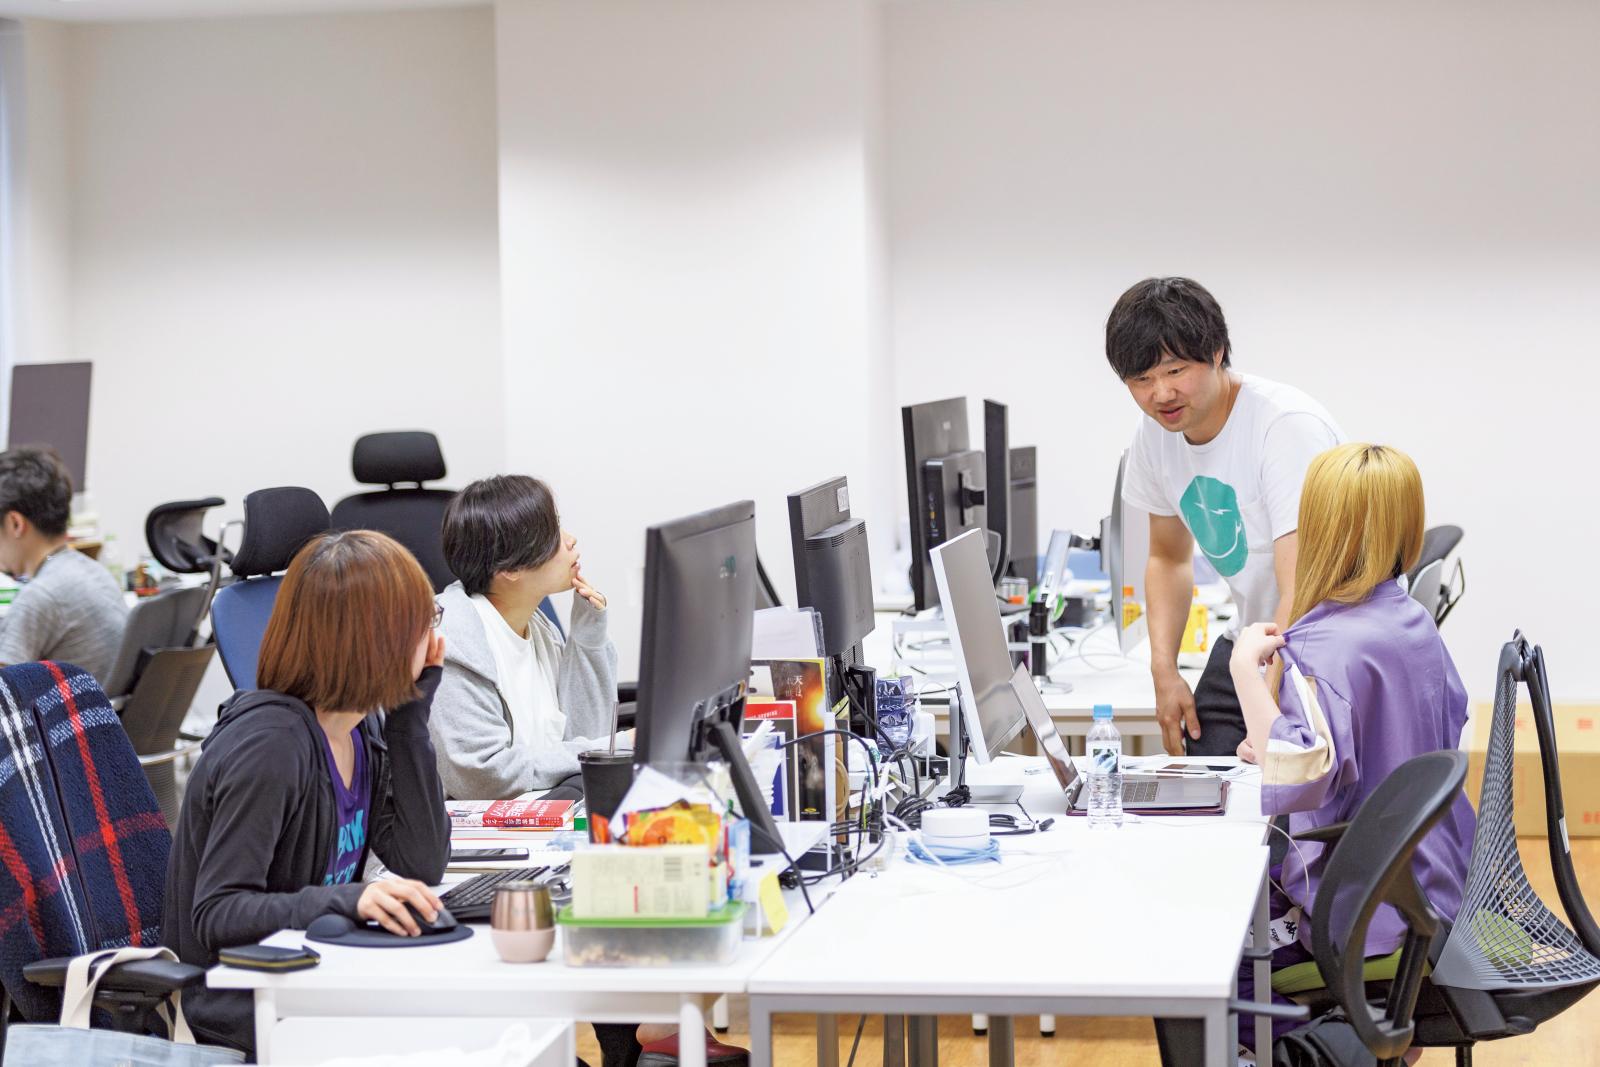 約1年前に引っ越したばかりの東京・渋谷区恵比寿のオフィスに立つ喜洋洋さん。世の中にはない新しいサービスを生み出すクリエイティブな空間。